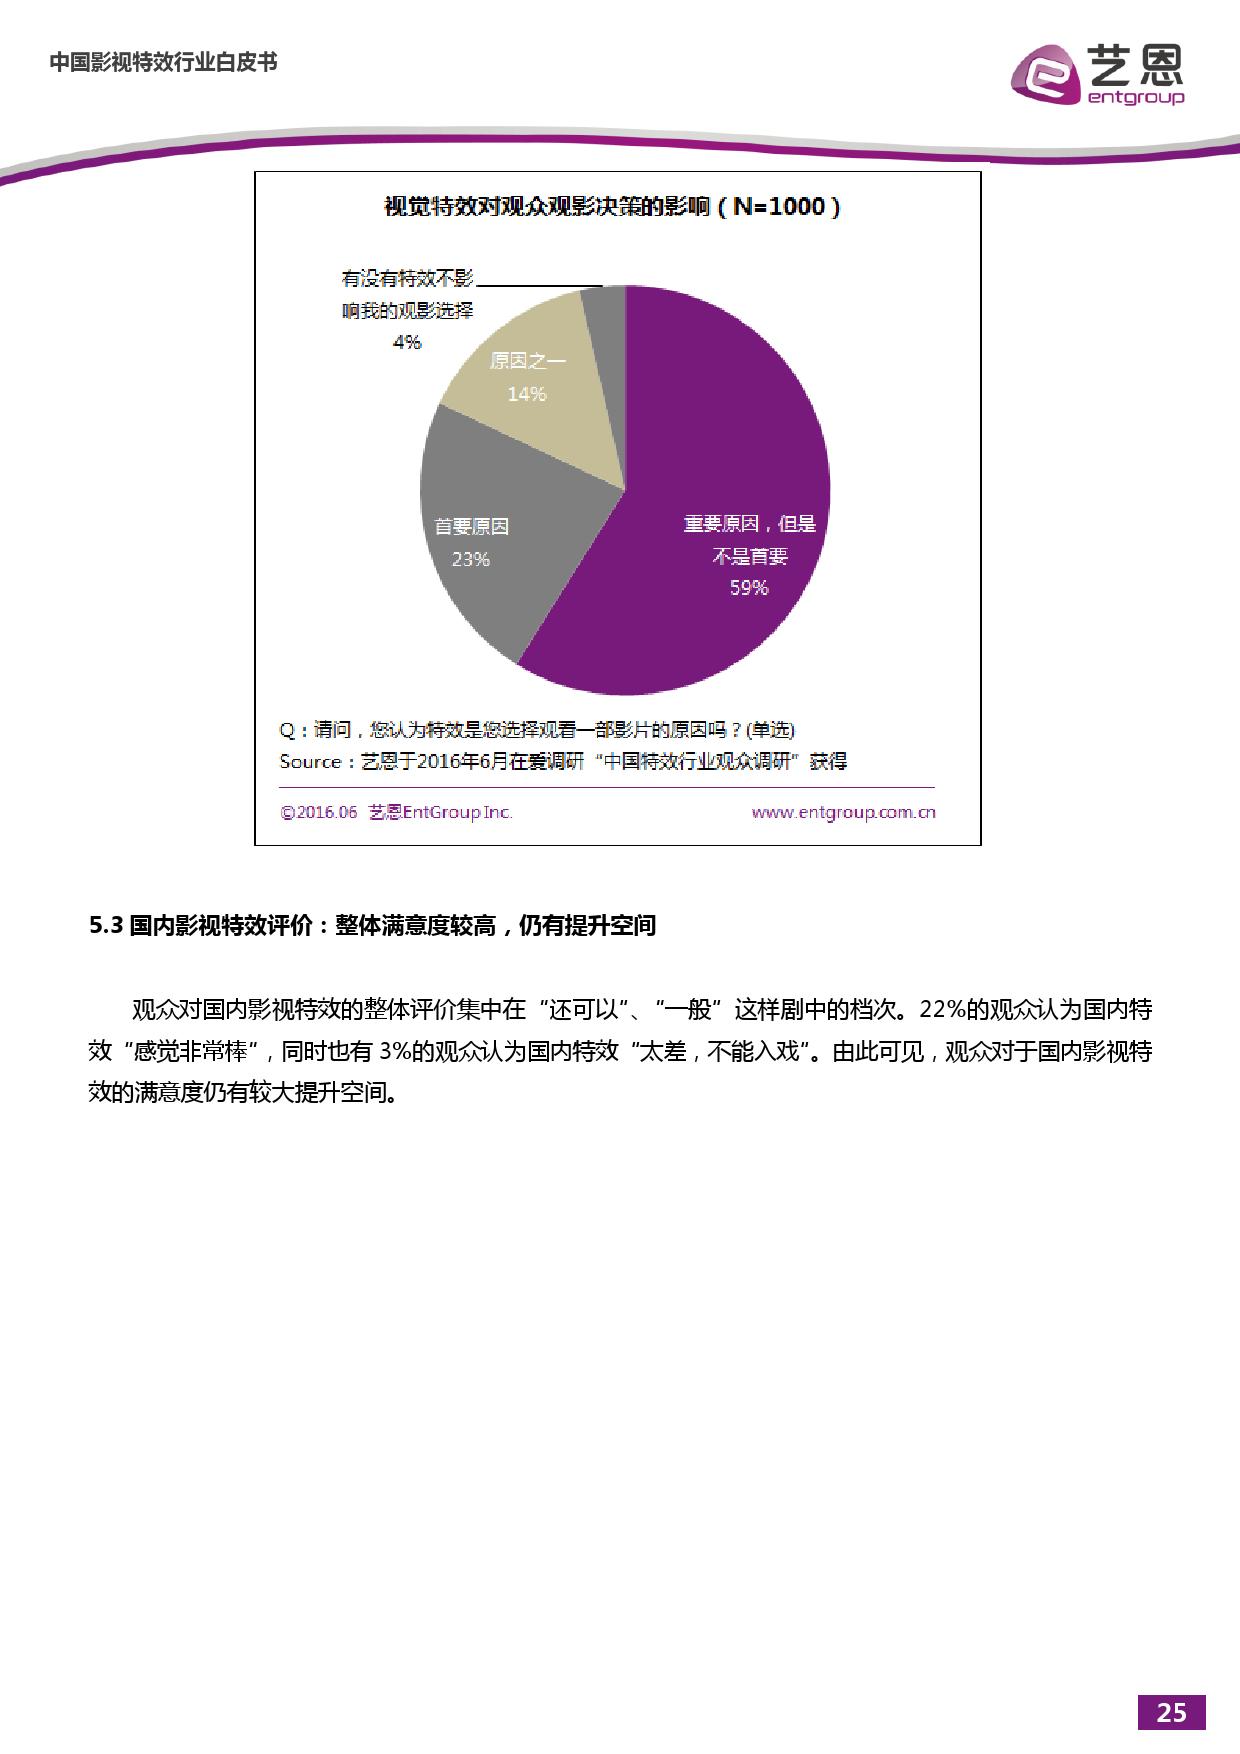 %e4%b8%ad%e5%9b%bd%e5%bd%b1%e8%a7%86%e7%89%b9%e6%95%88%e5%b8%82%e5%9c%ba%e7%a0%94%e7%a9%b6%e6%8a%a5%e5%91%8a_000026